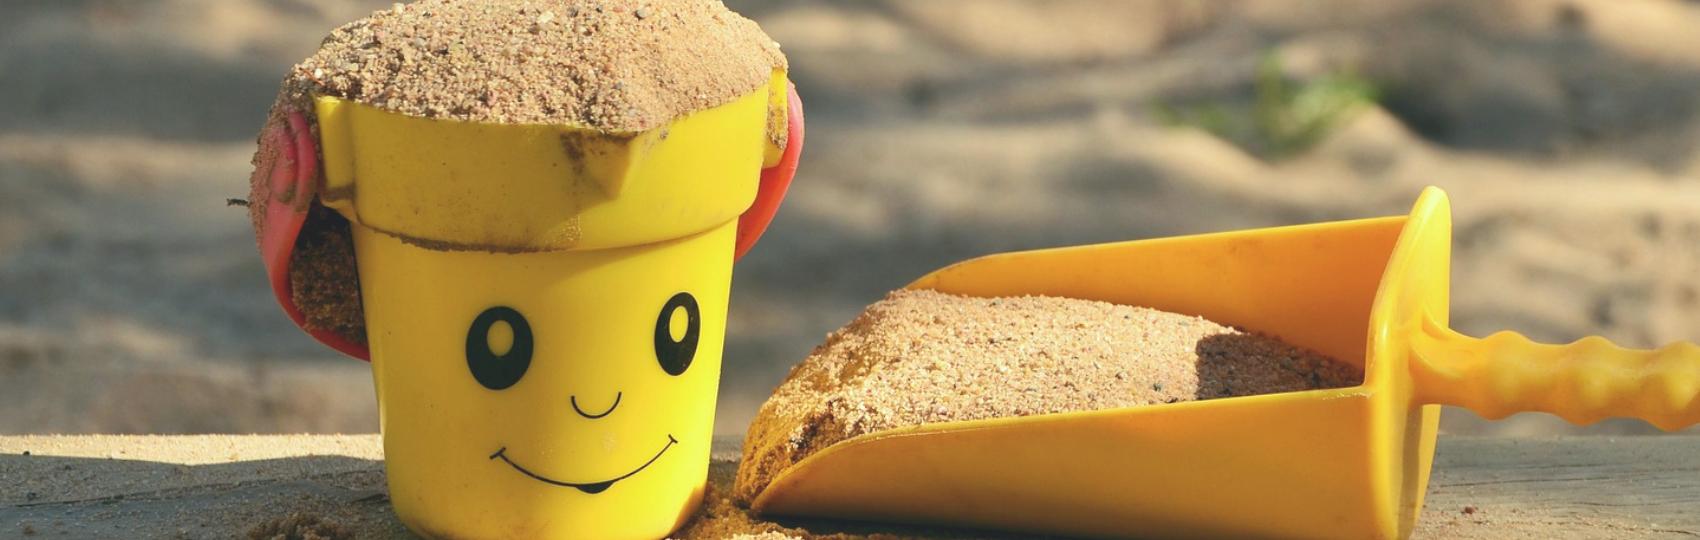 Sandreinigung & Spielsand Reinigung